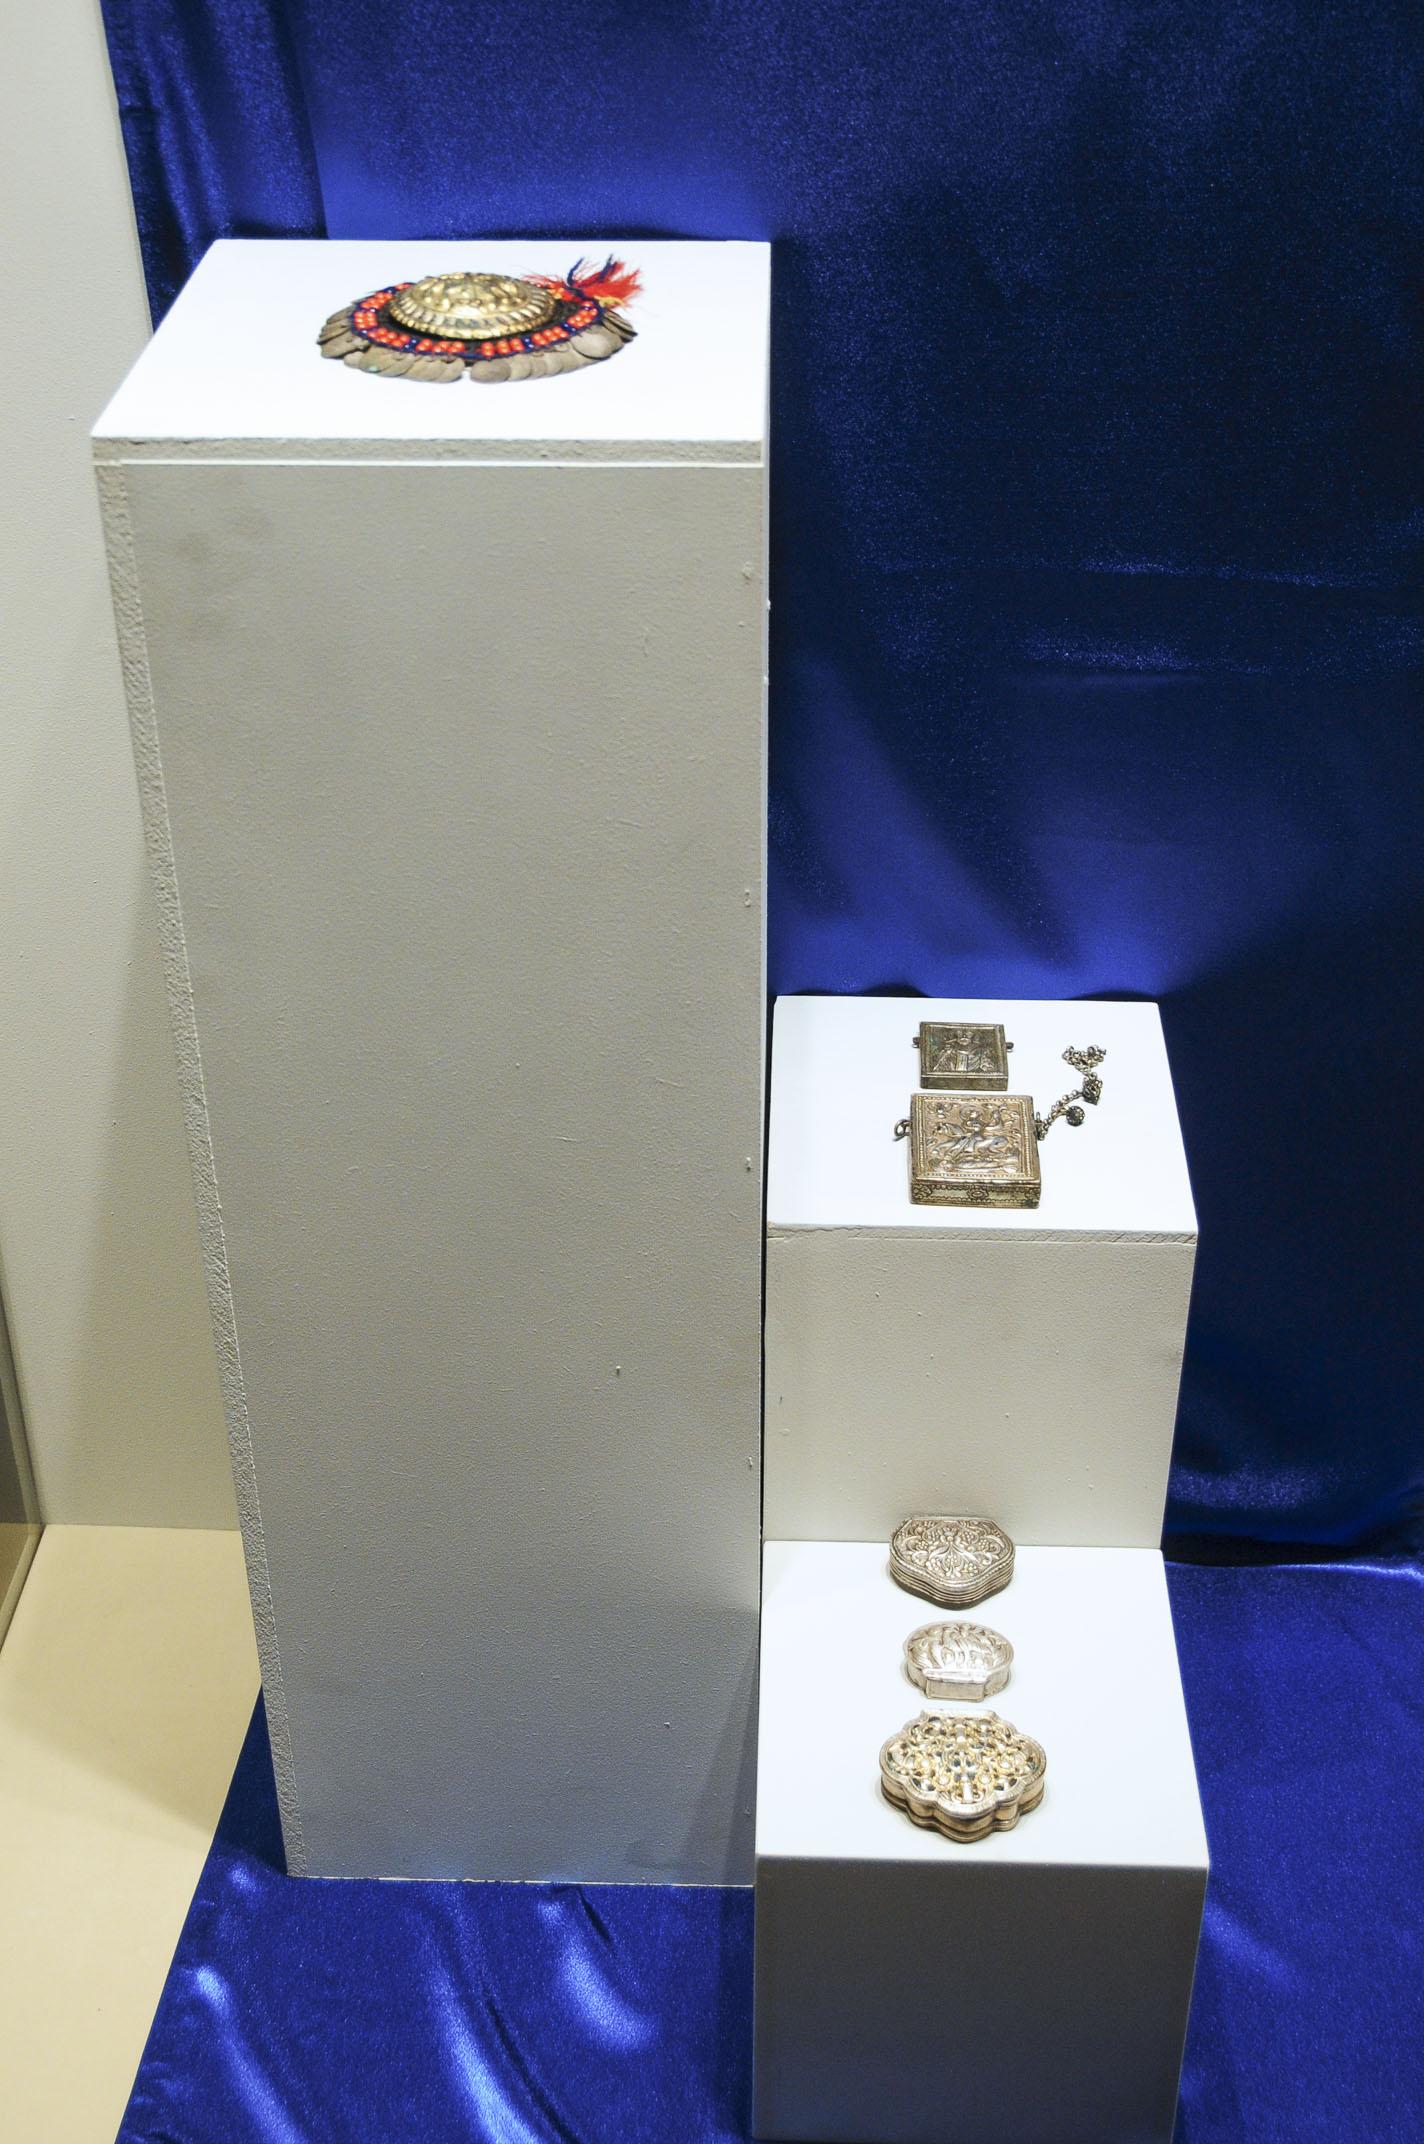 troyan-museum-bylgarsko-zlatarsko-izkustvo-12